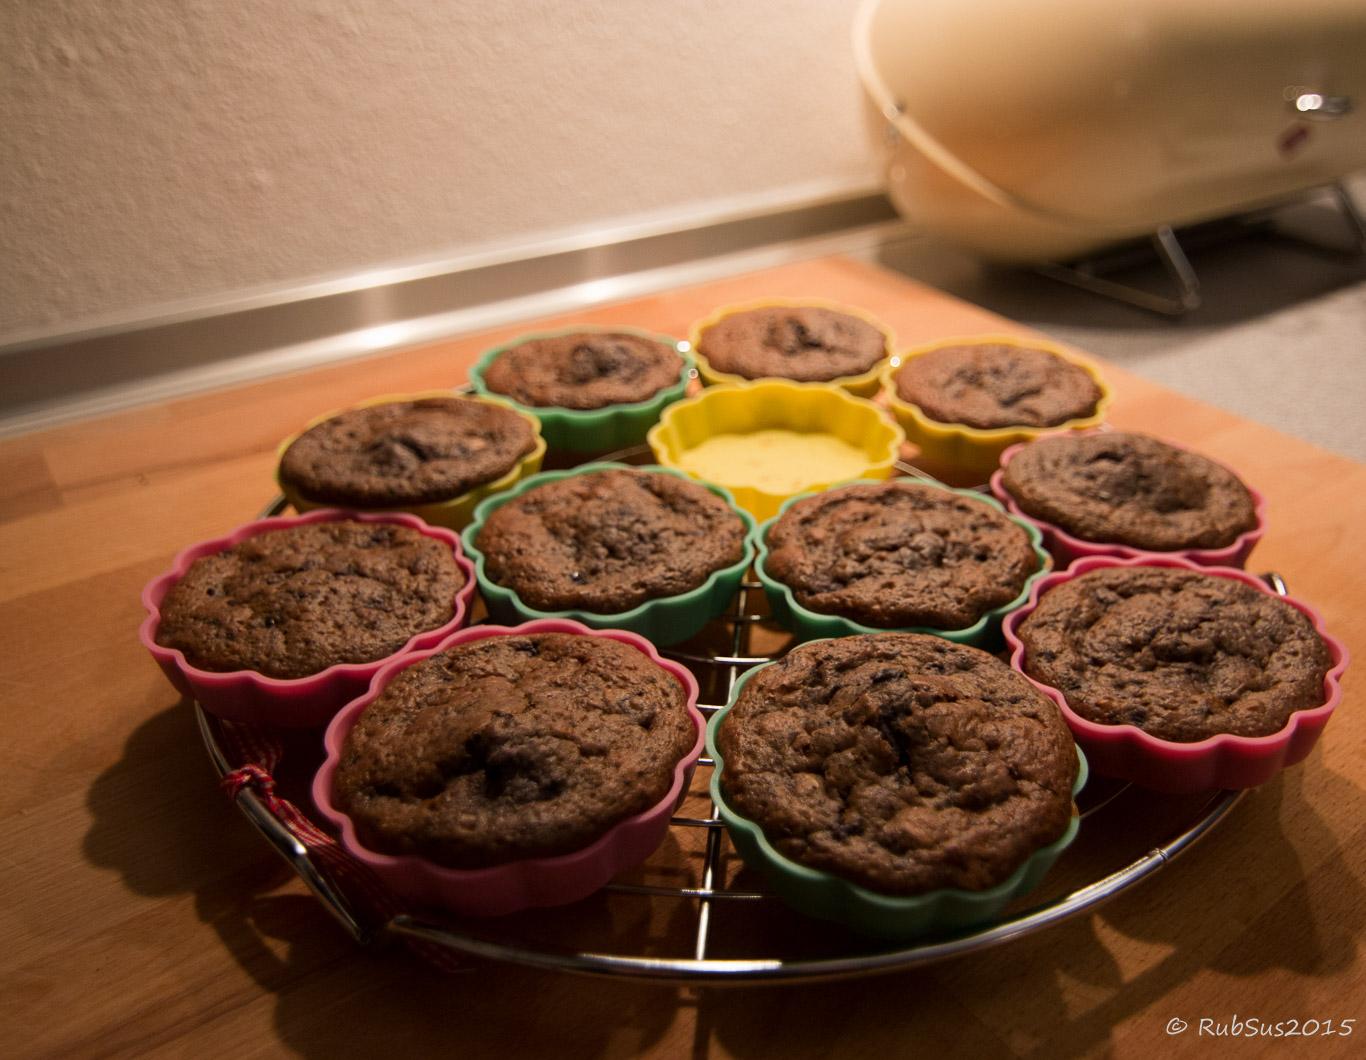 RubSusWorld flache Muffins aus MiniTartelette Frmchen